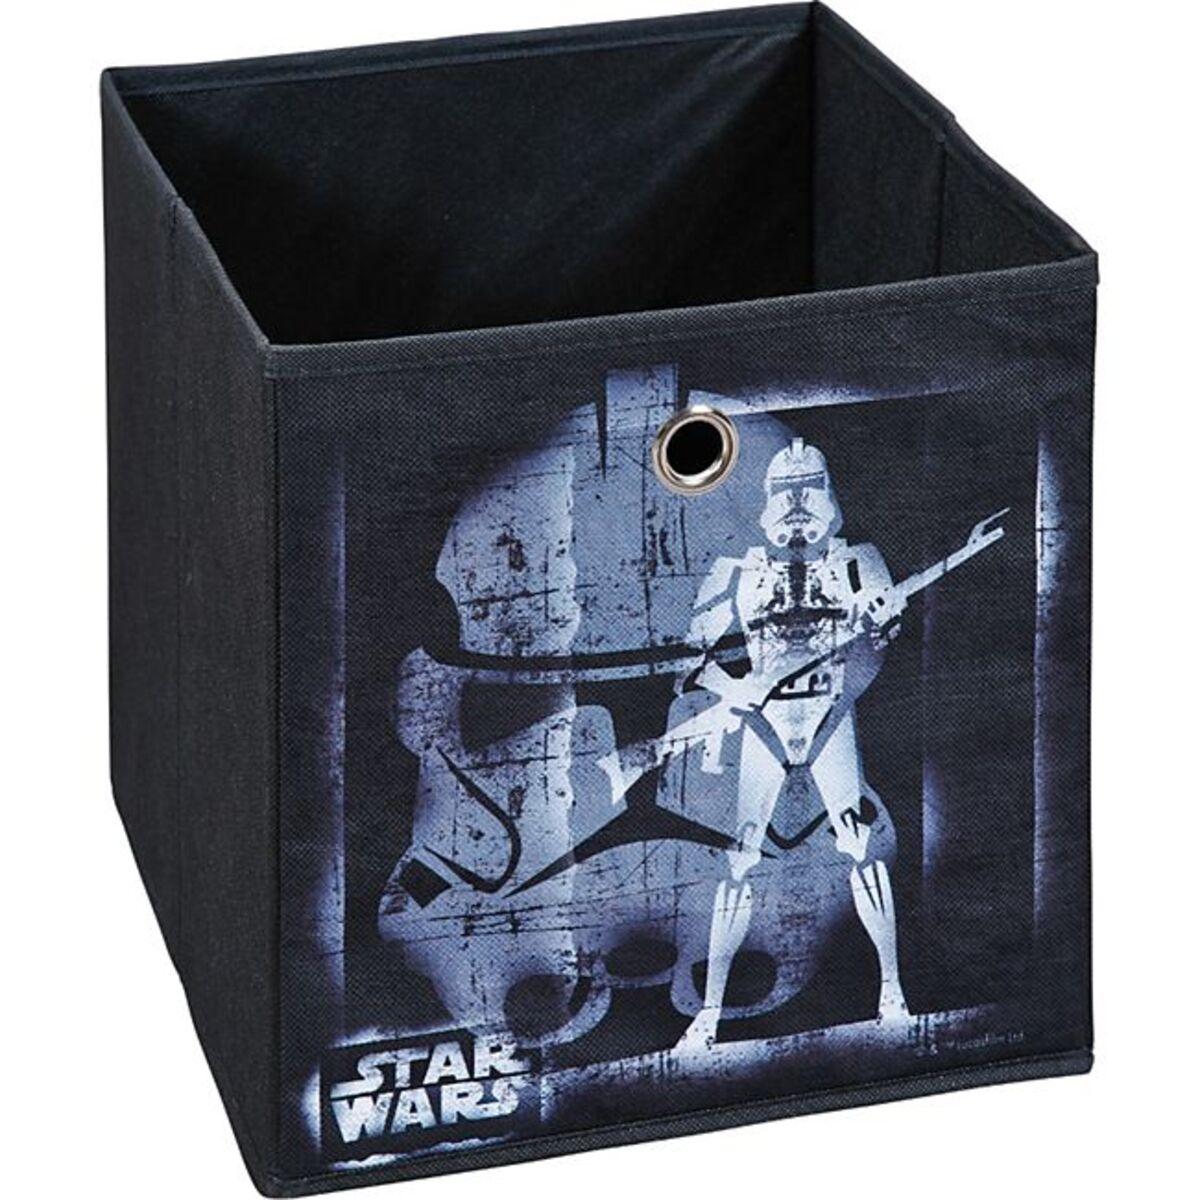 Bild 1 von Inter Link Faltkiste Star Wars II